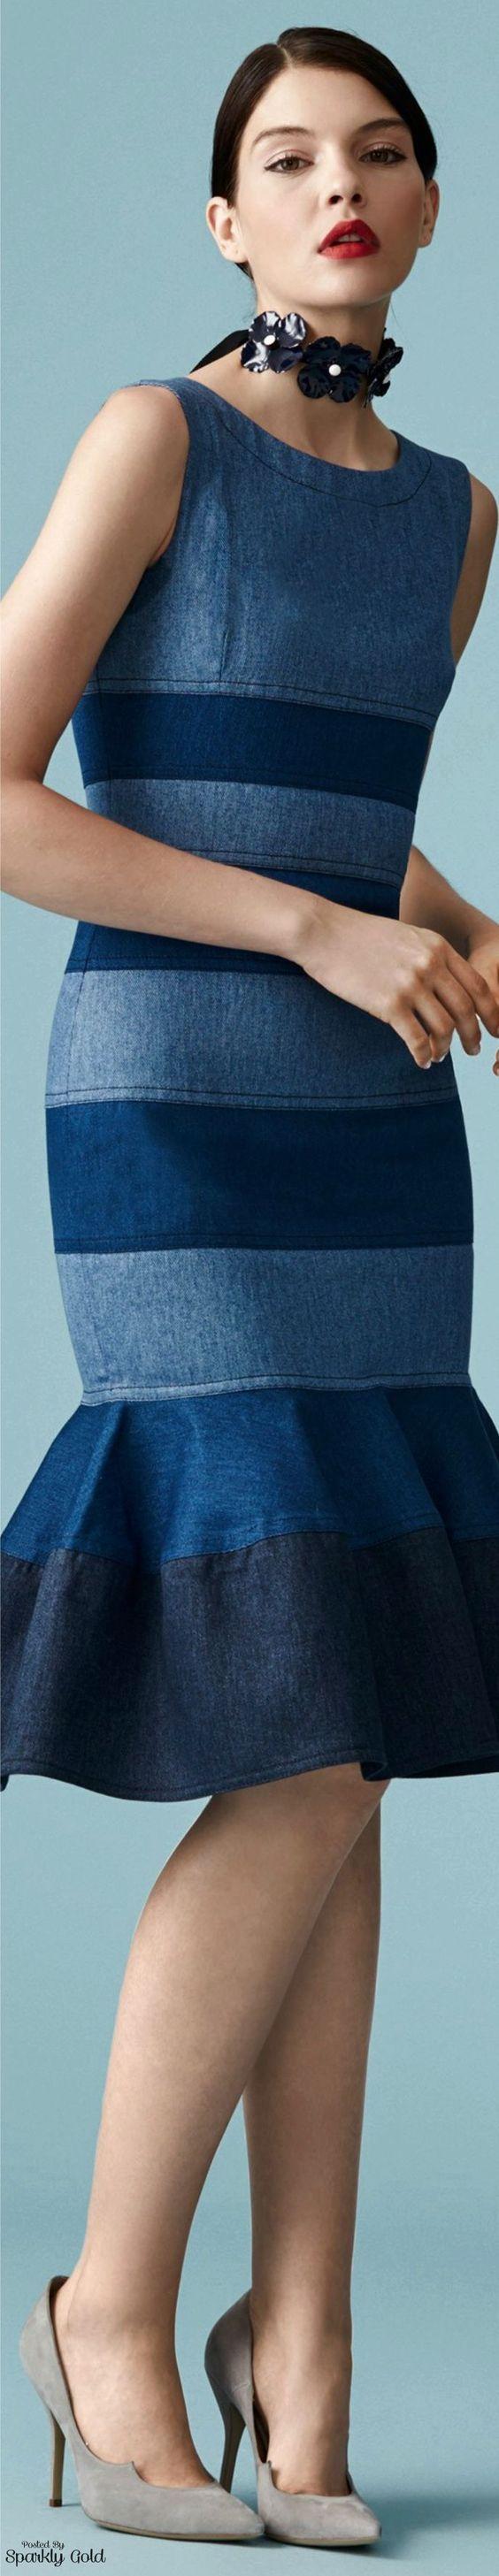 O ano ainda não acabou, mas as grandes tendências de moda para o próximo ano já estão ditadas e uma das principais são os vestidos jeans. O Jean é um mater